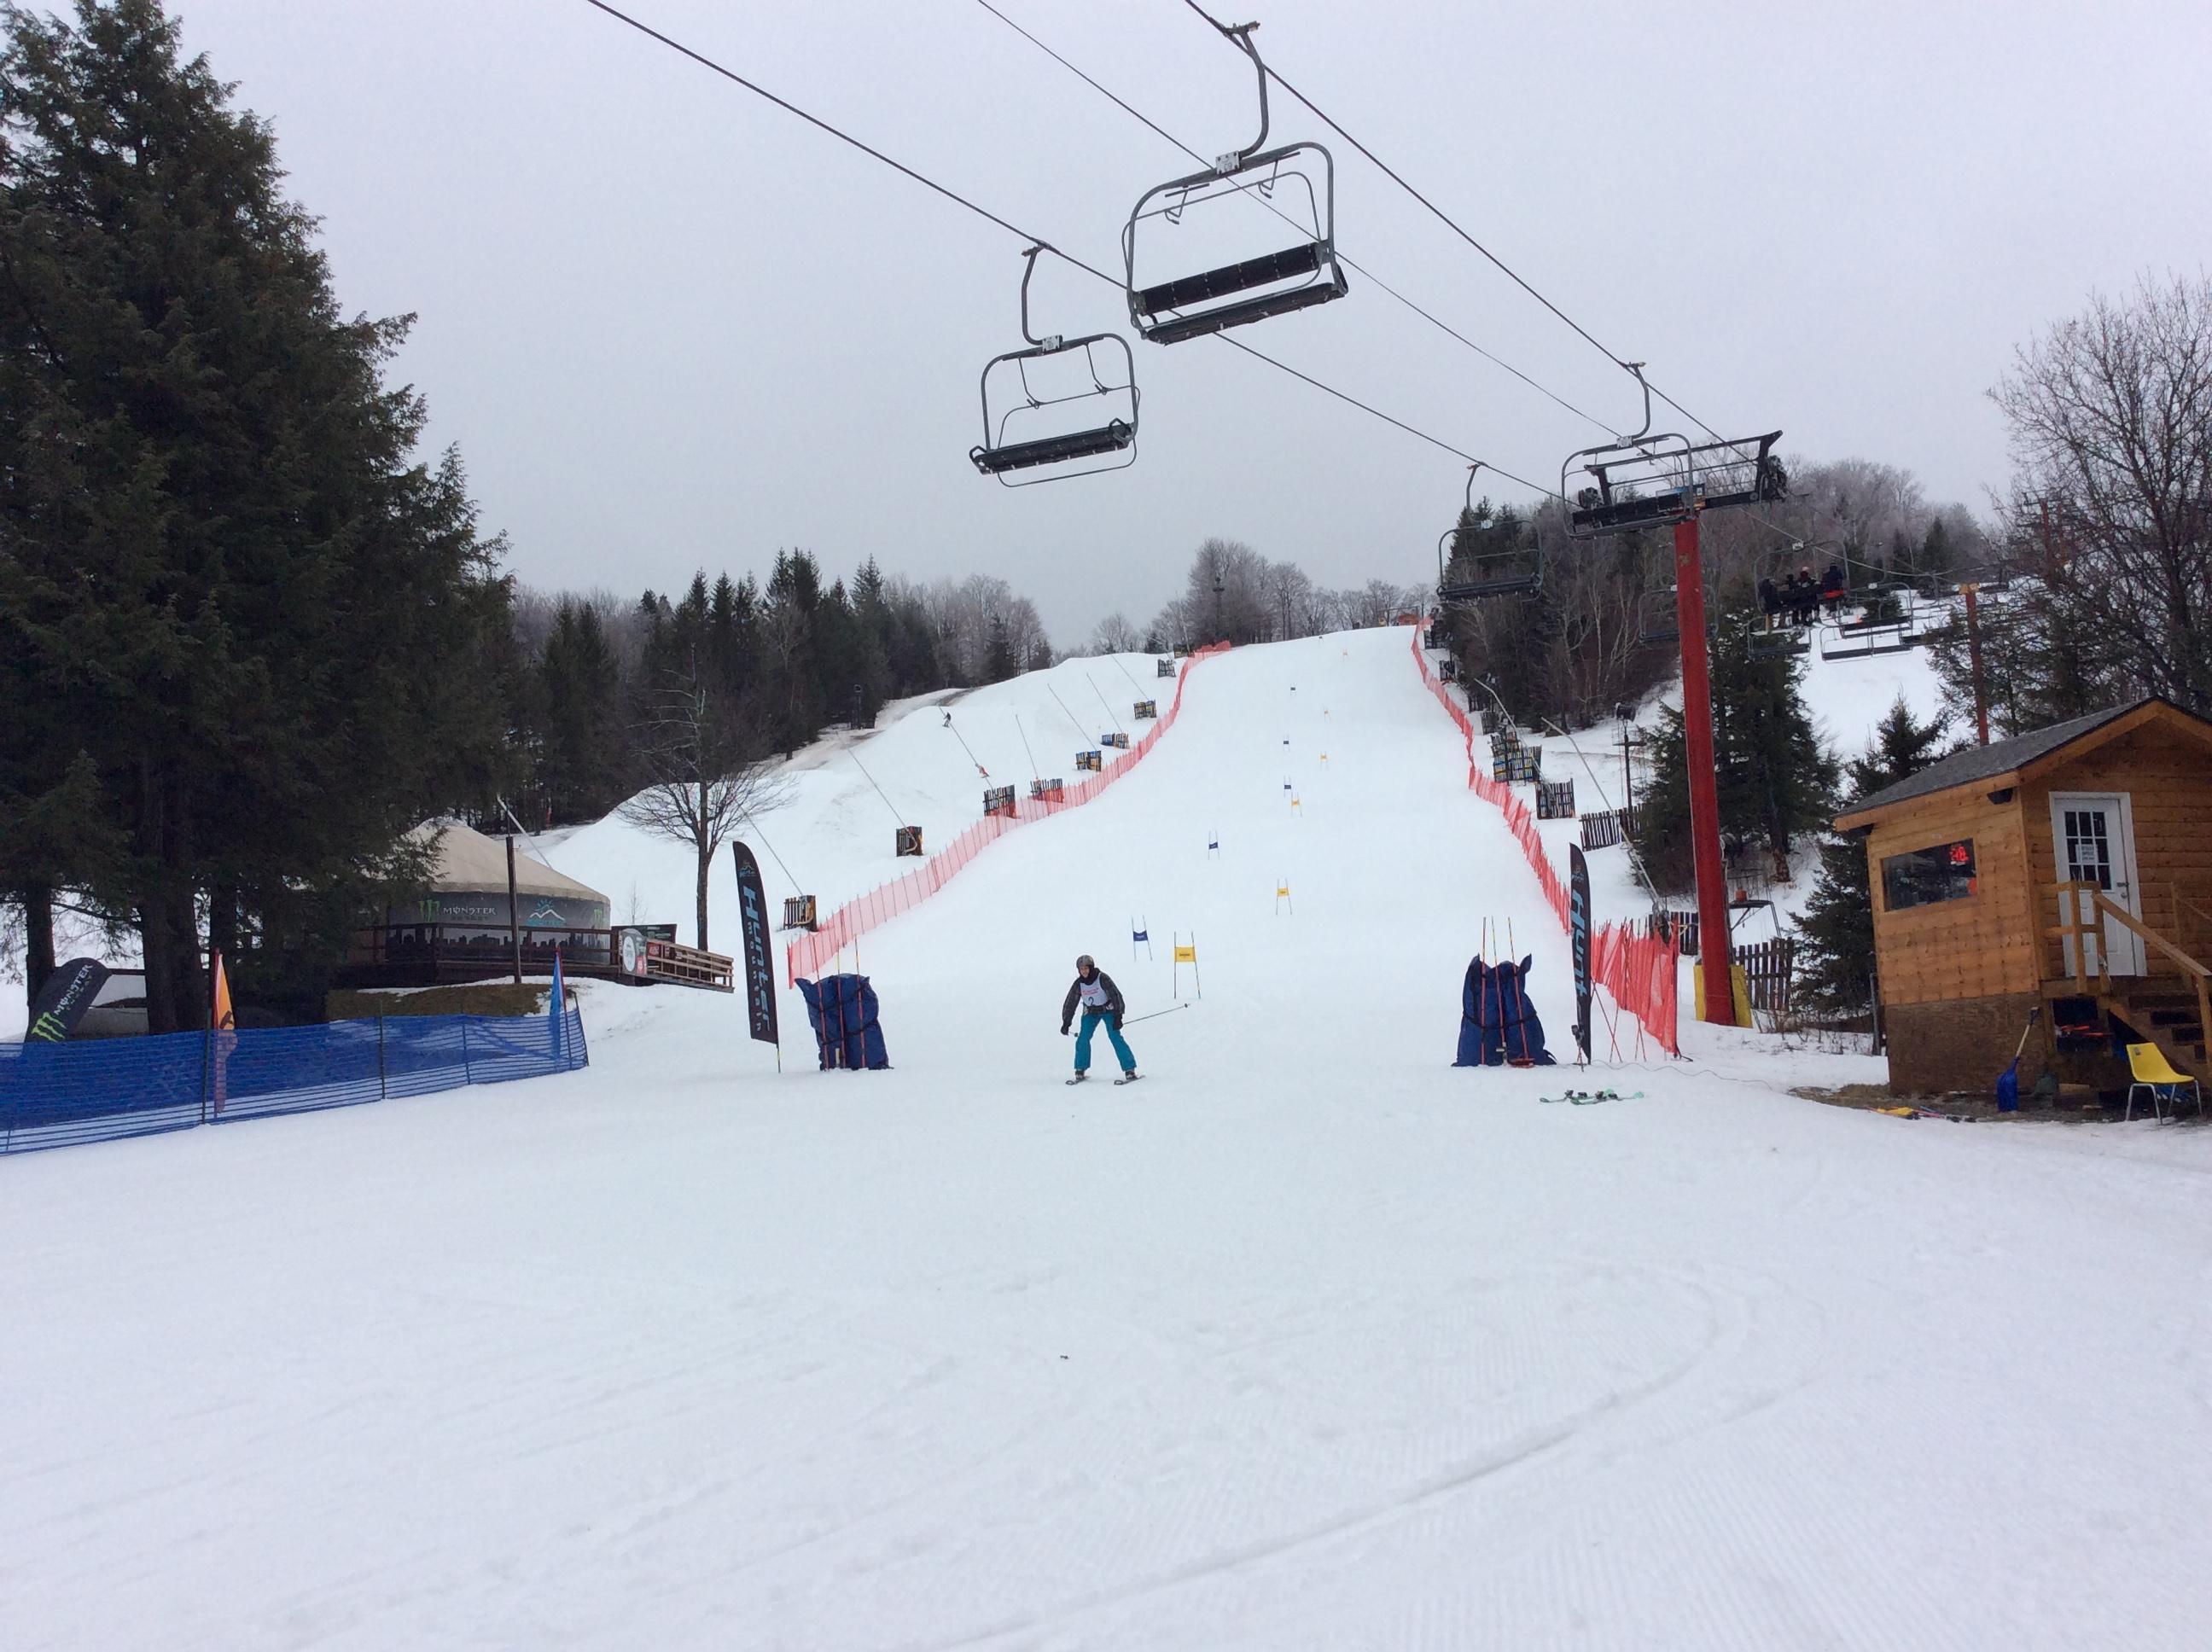 nypd-ski-club_32018682830_o